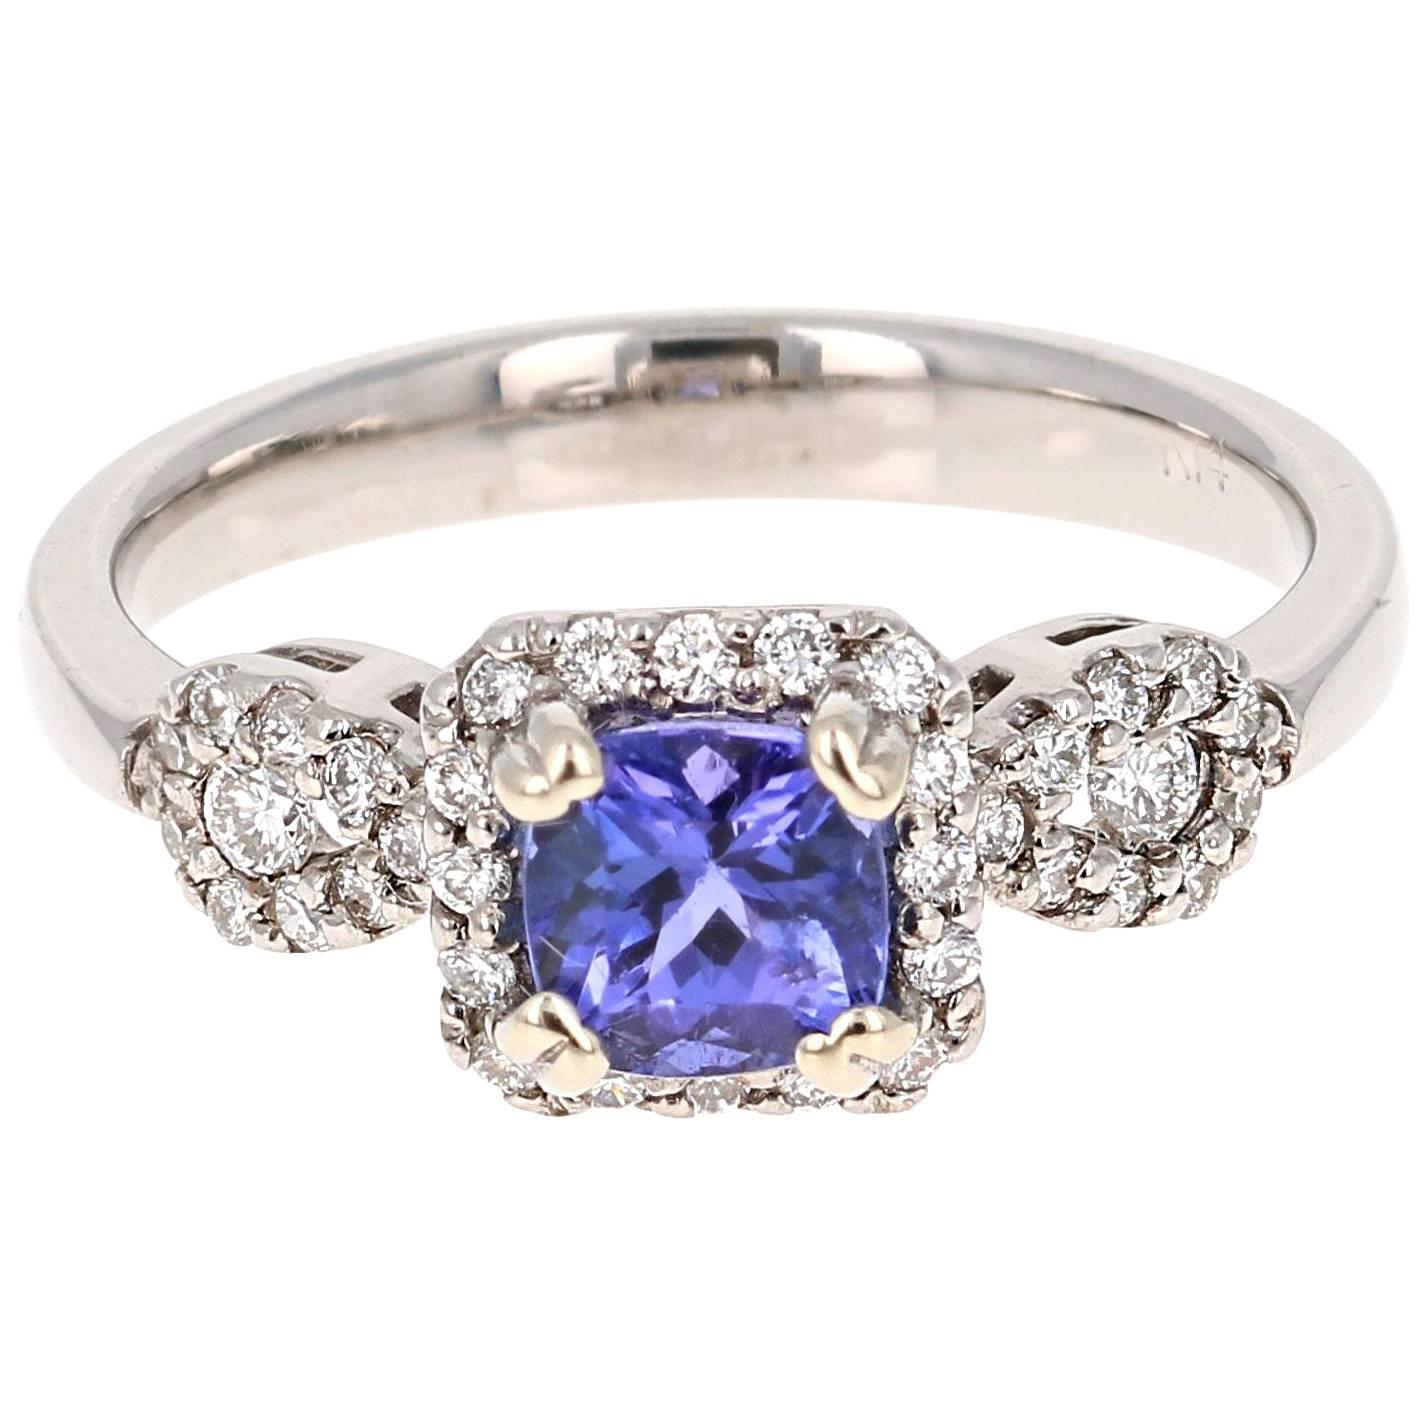 1.10 Carat Tanzanite Diamond 14 Karat White Gold Promise Ring